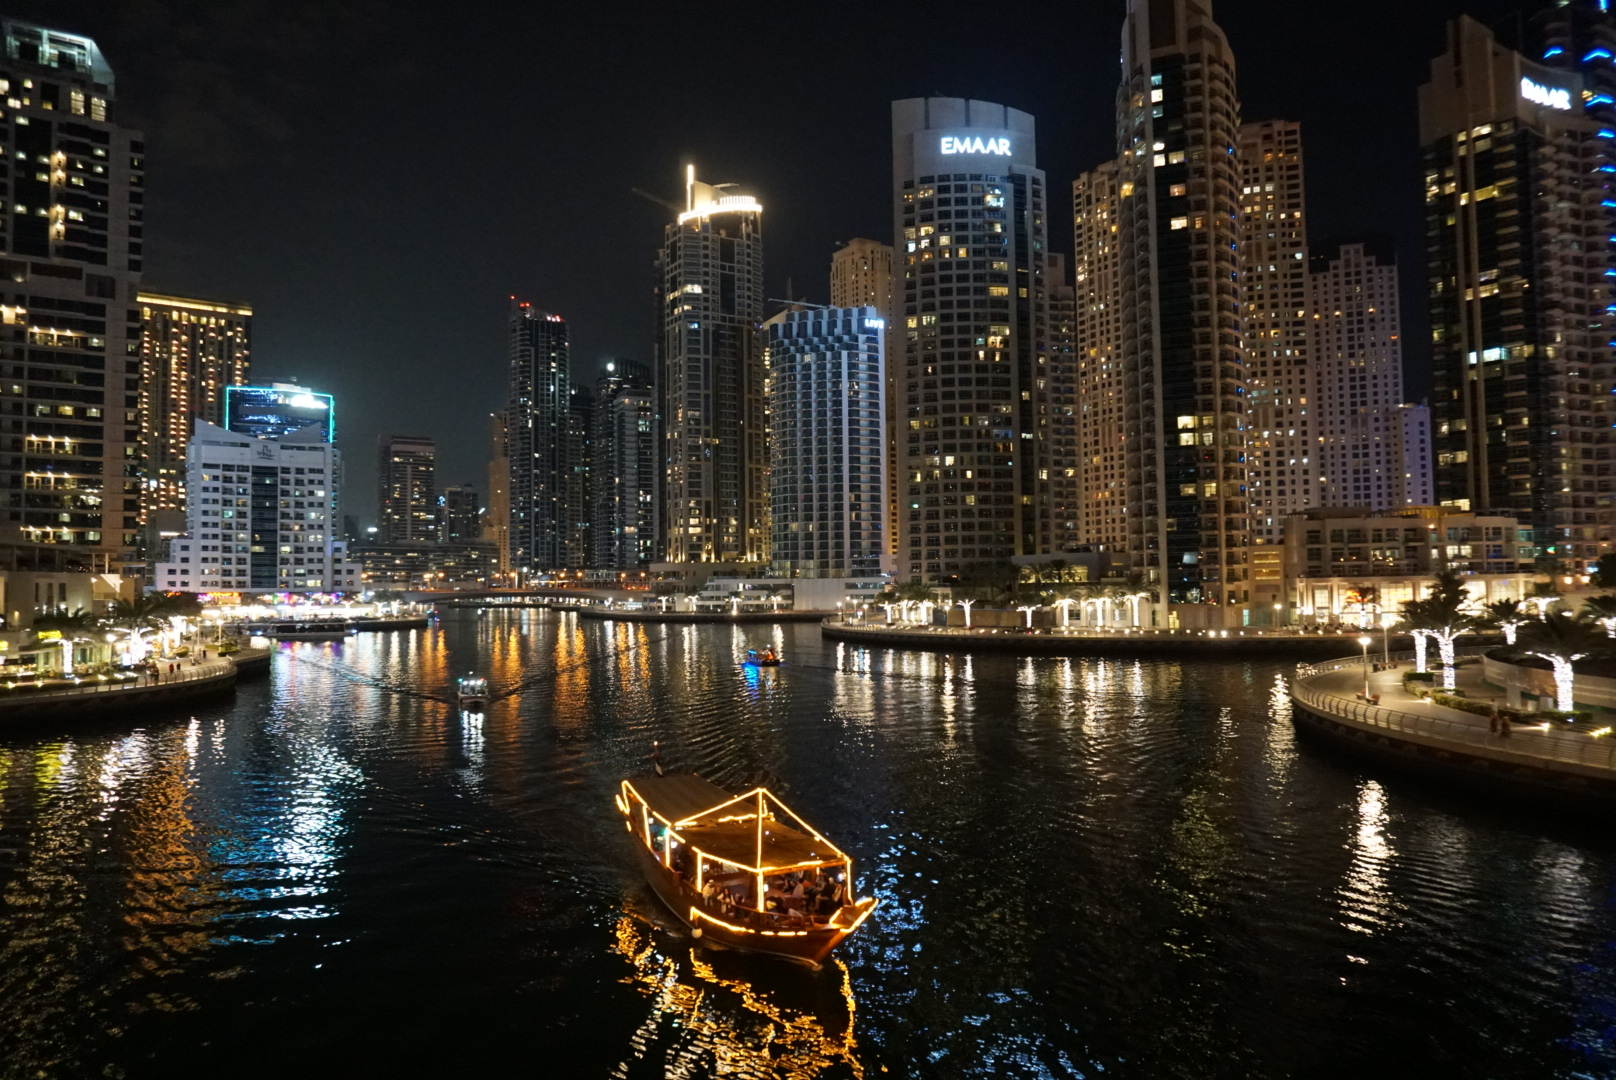 Dubai Marina view by night